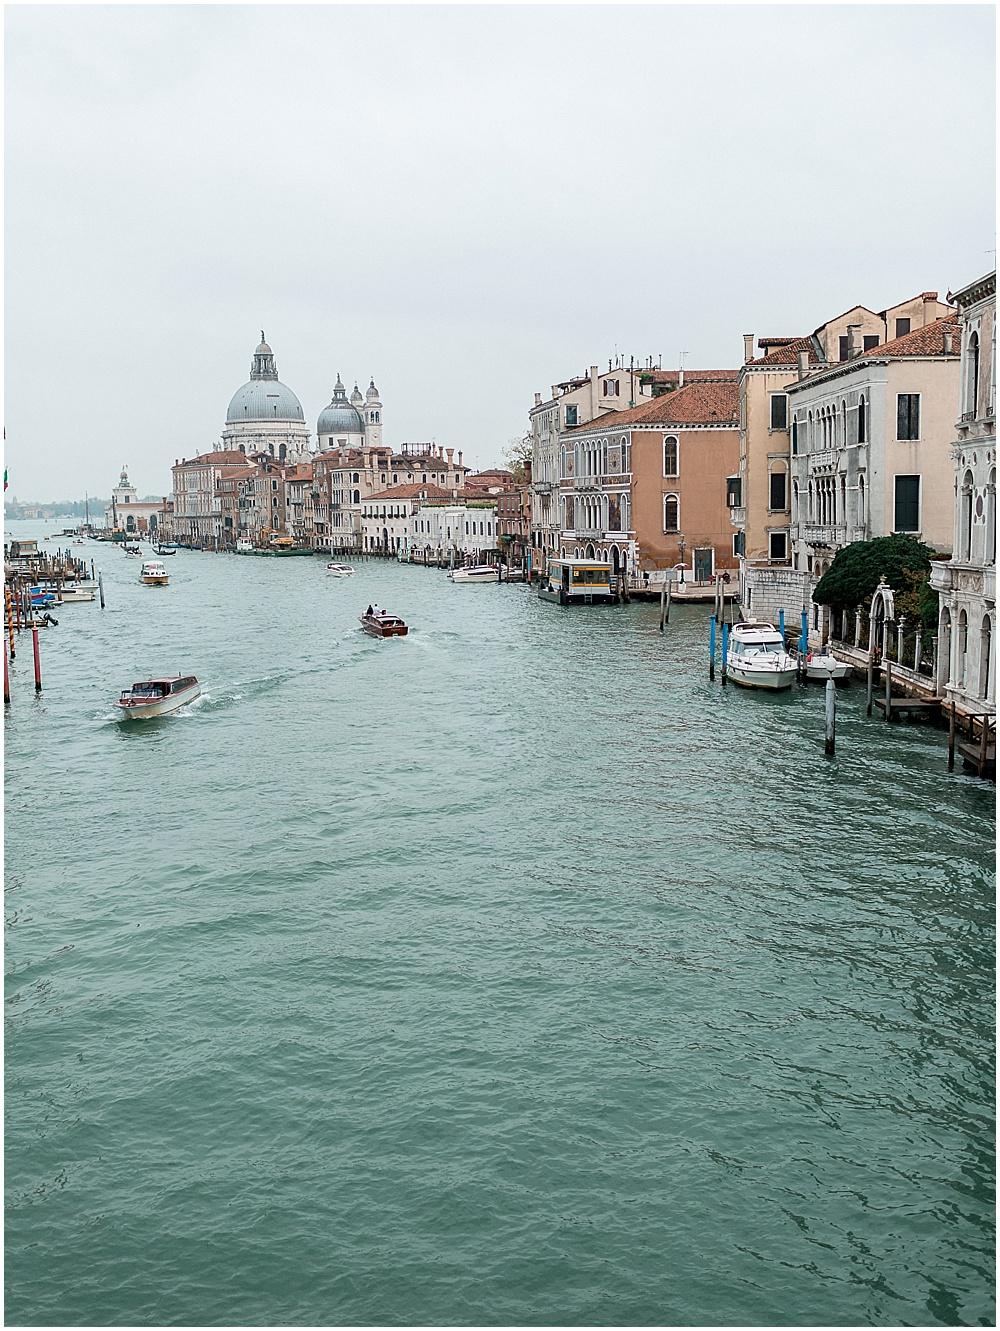 venice-italy-wedding-proposal-gondola-sunset-photoshoot25.jpg